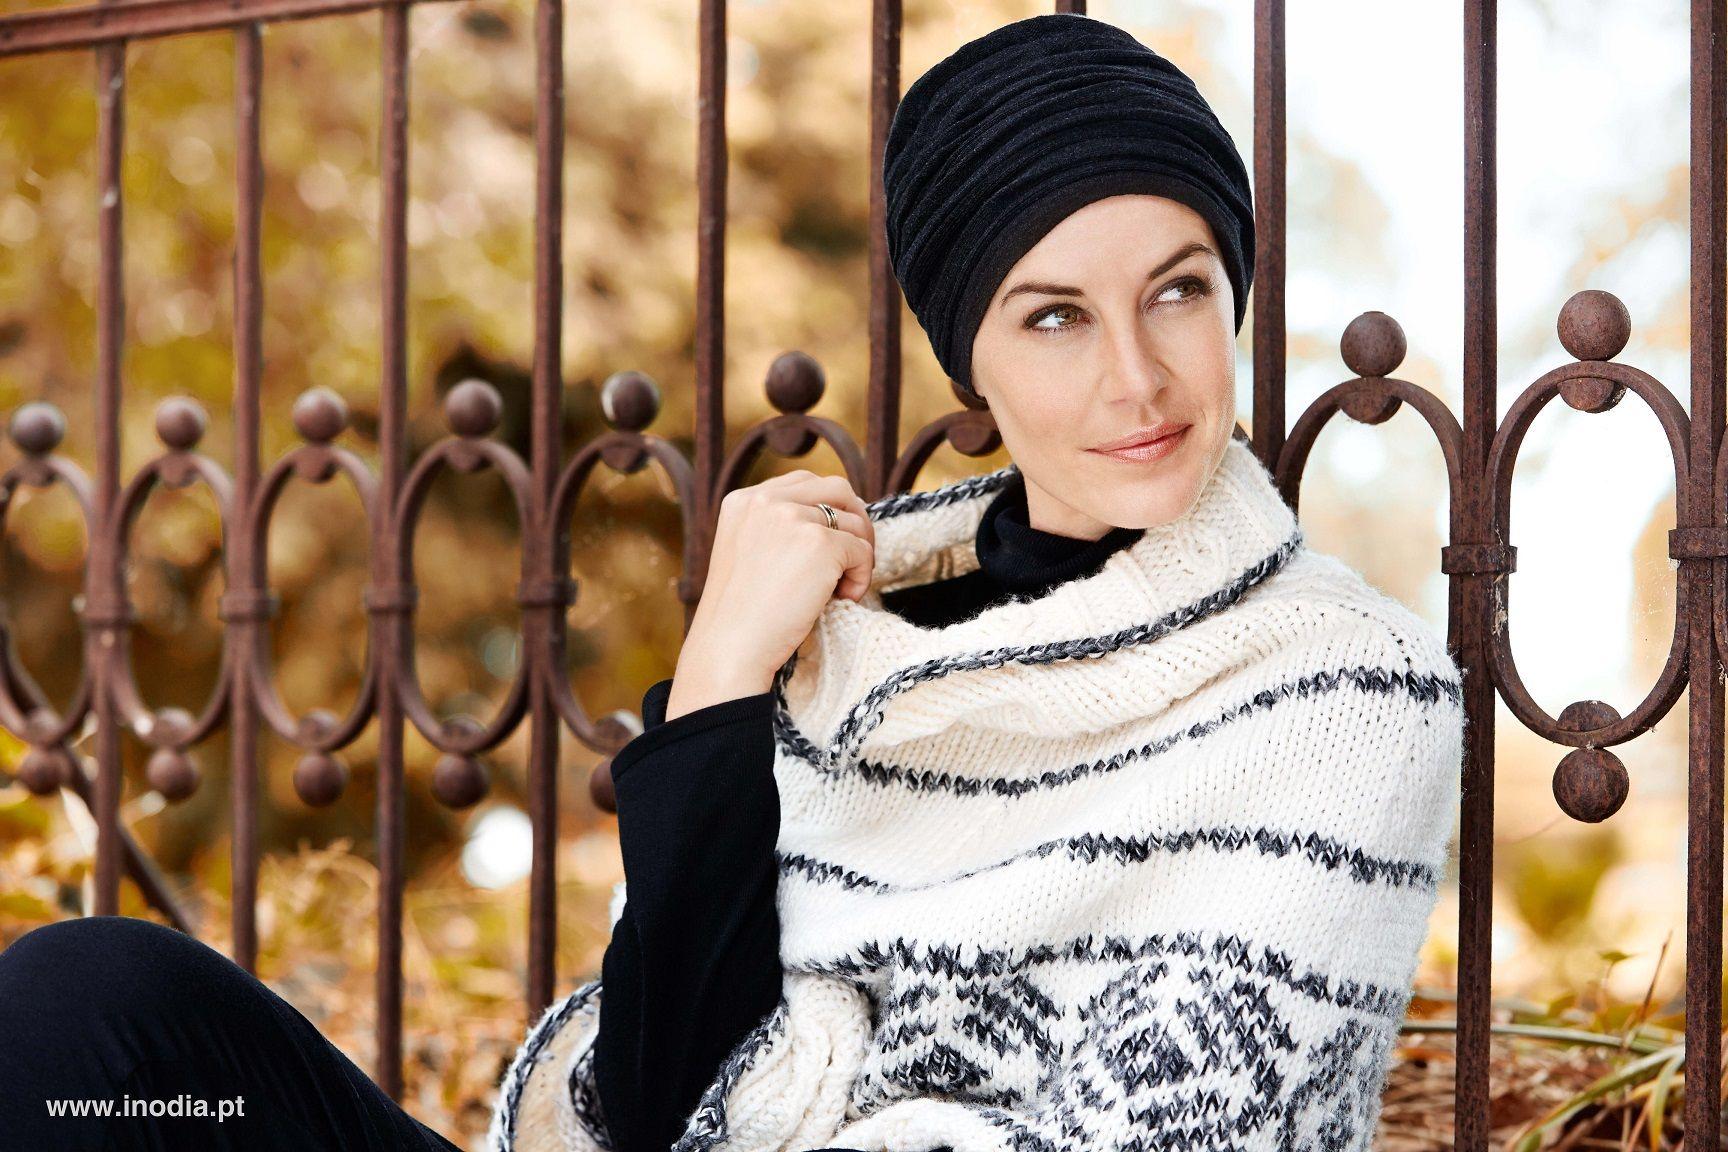 Colecção Christine Outono-Inverno 2014/2015 A colecção de malhas Christine é elegante, com um design único, elaborada com o melhor e mais suave algodão.